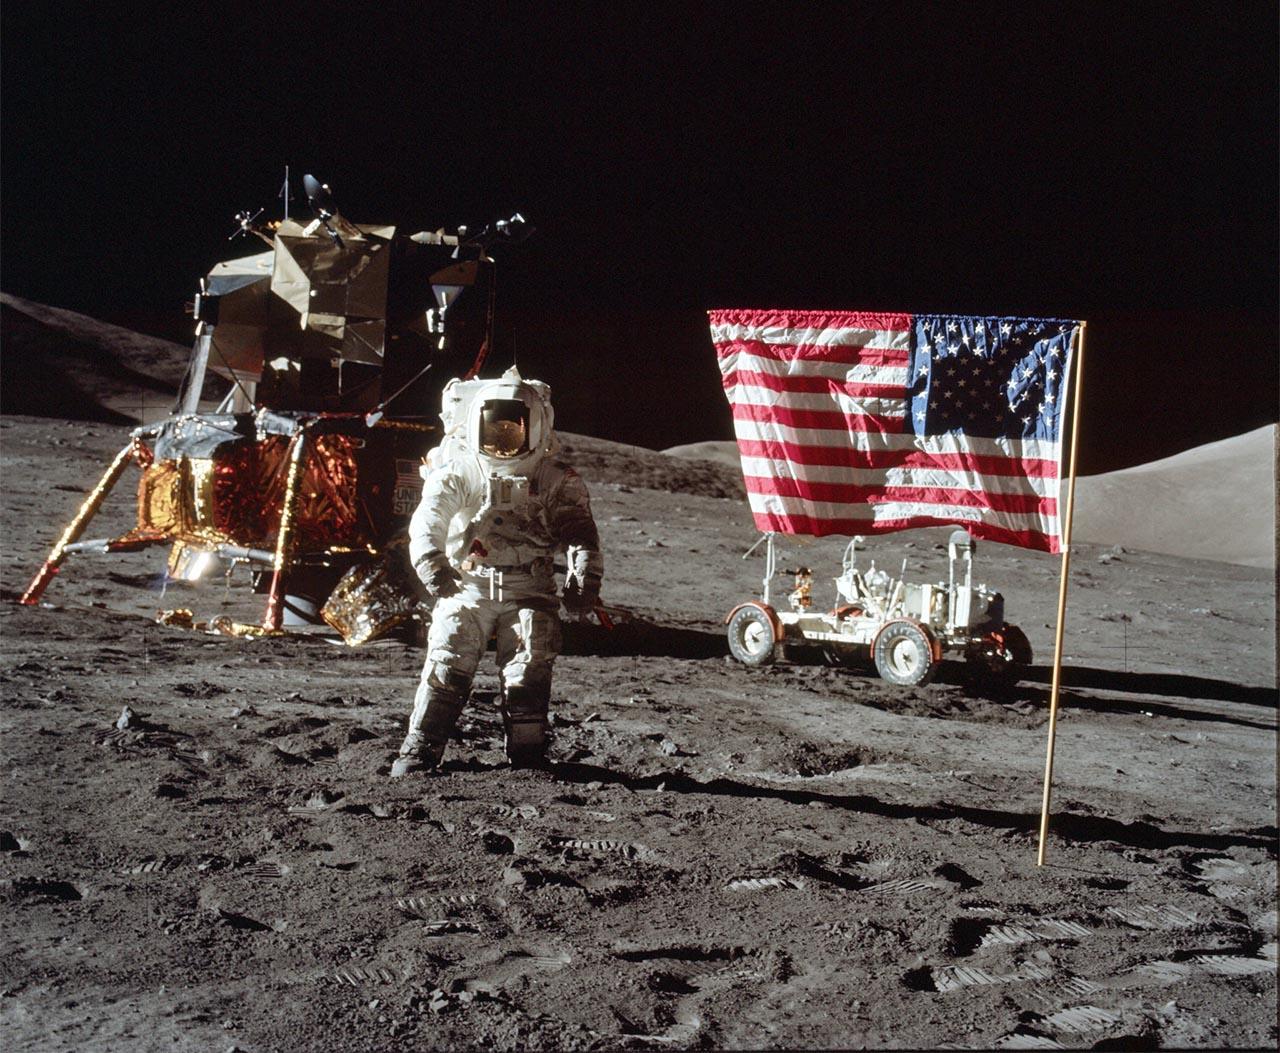 «Аполлон-11» в июле 1969 года совершил посадку на поверхность Луны.